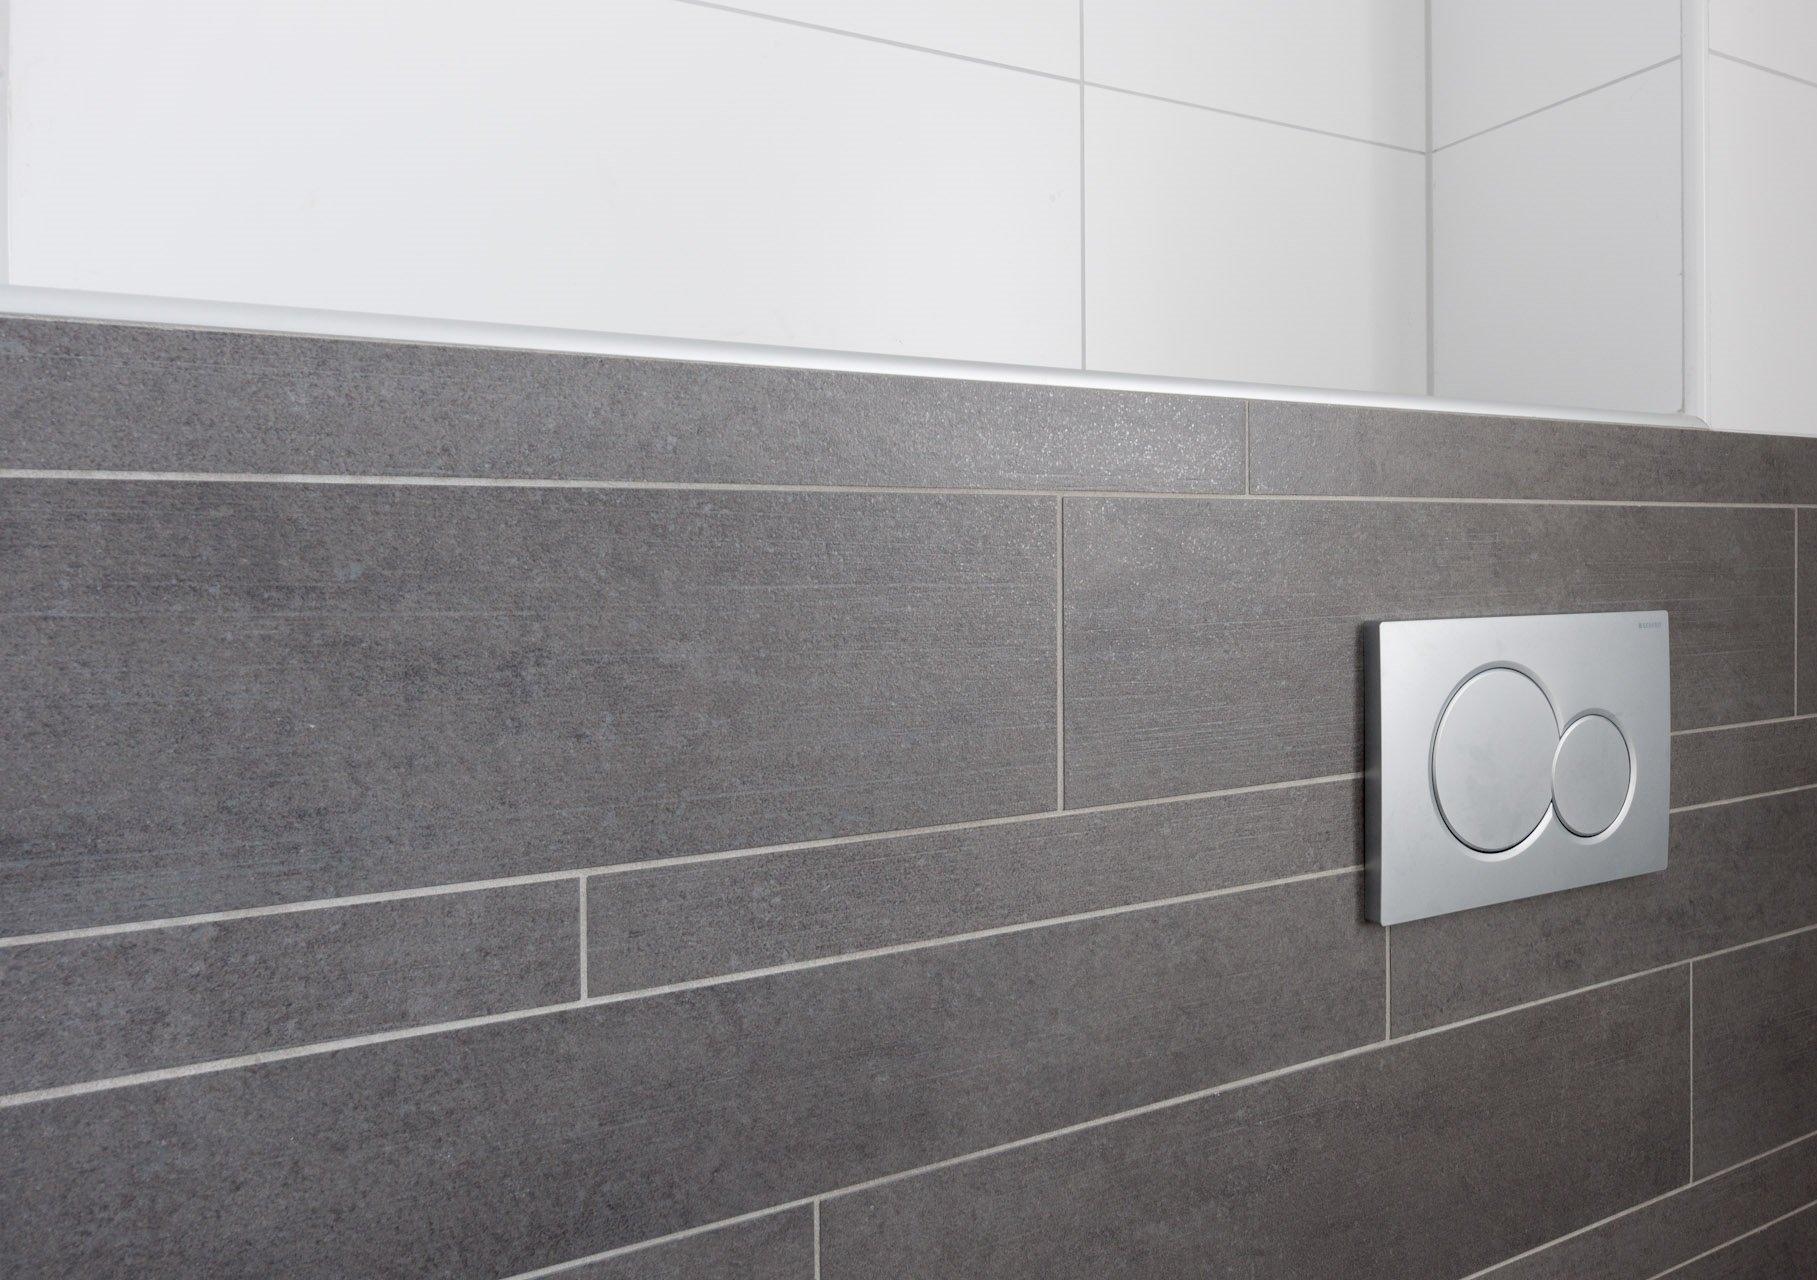 Aanslag Tegels Badkamer : Zwarte aanslag tegels badkamer: zwarte tegels badkamer schoonmaken